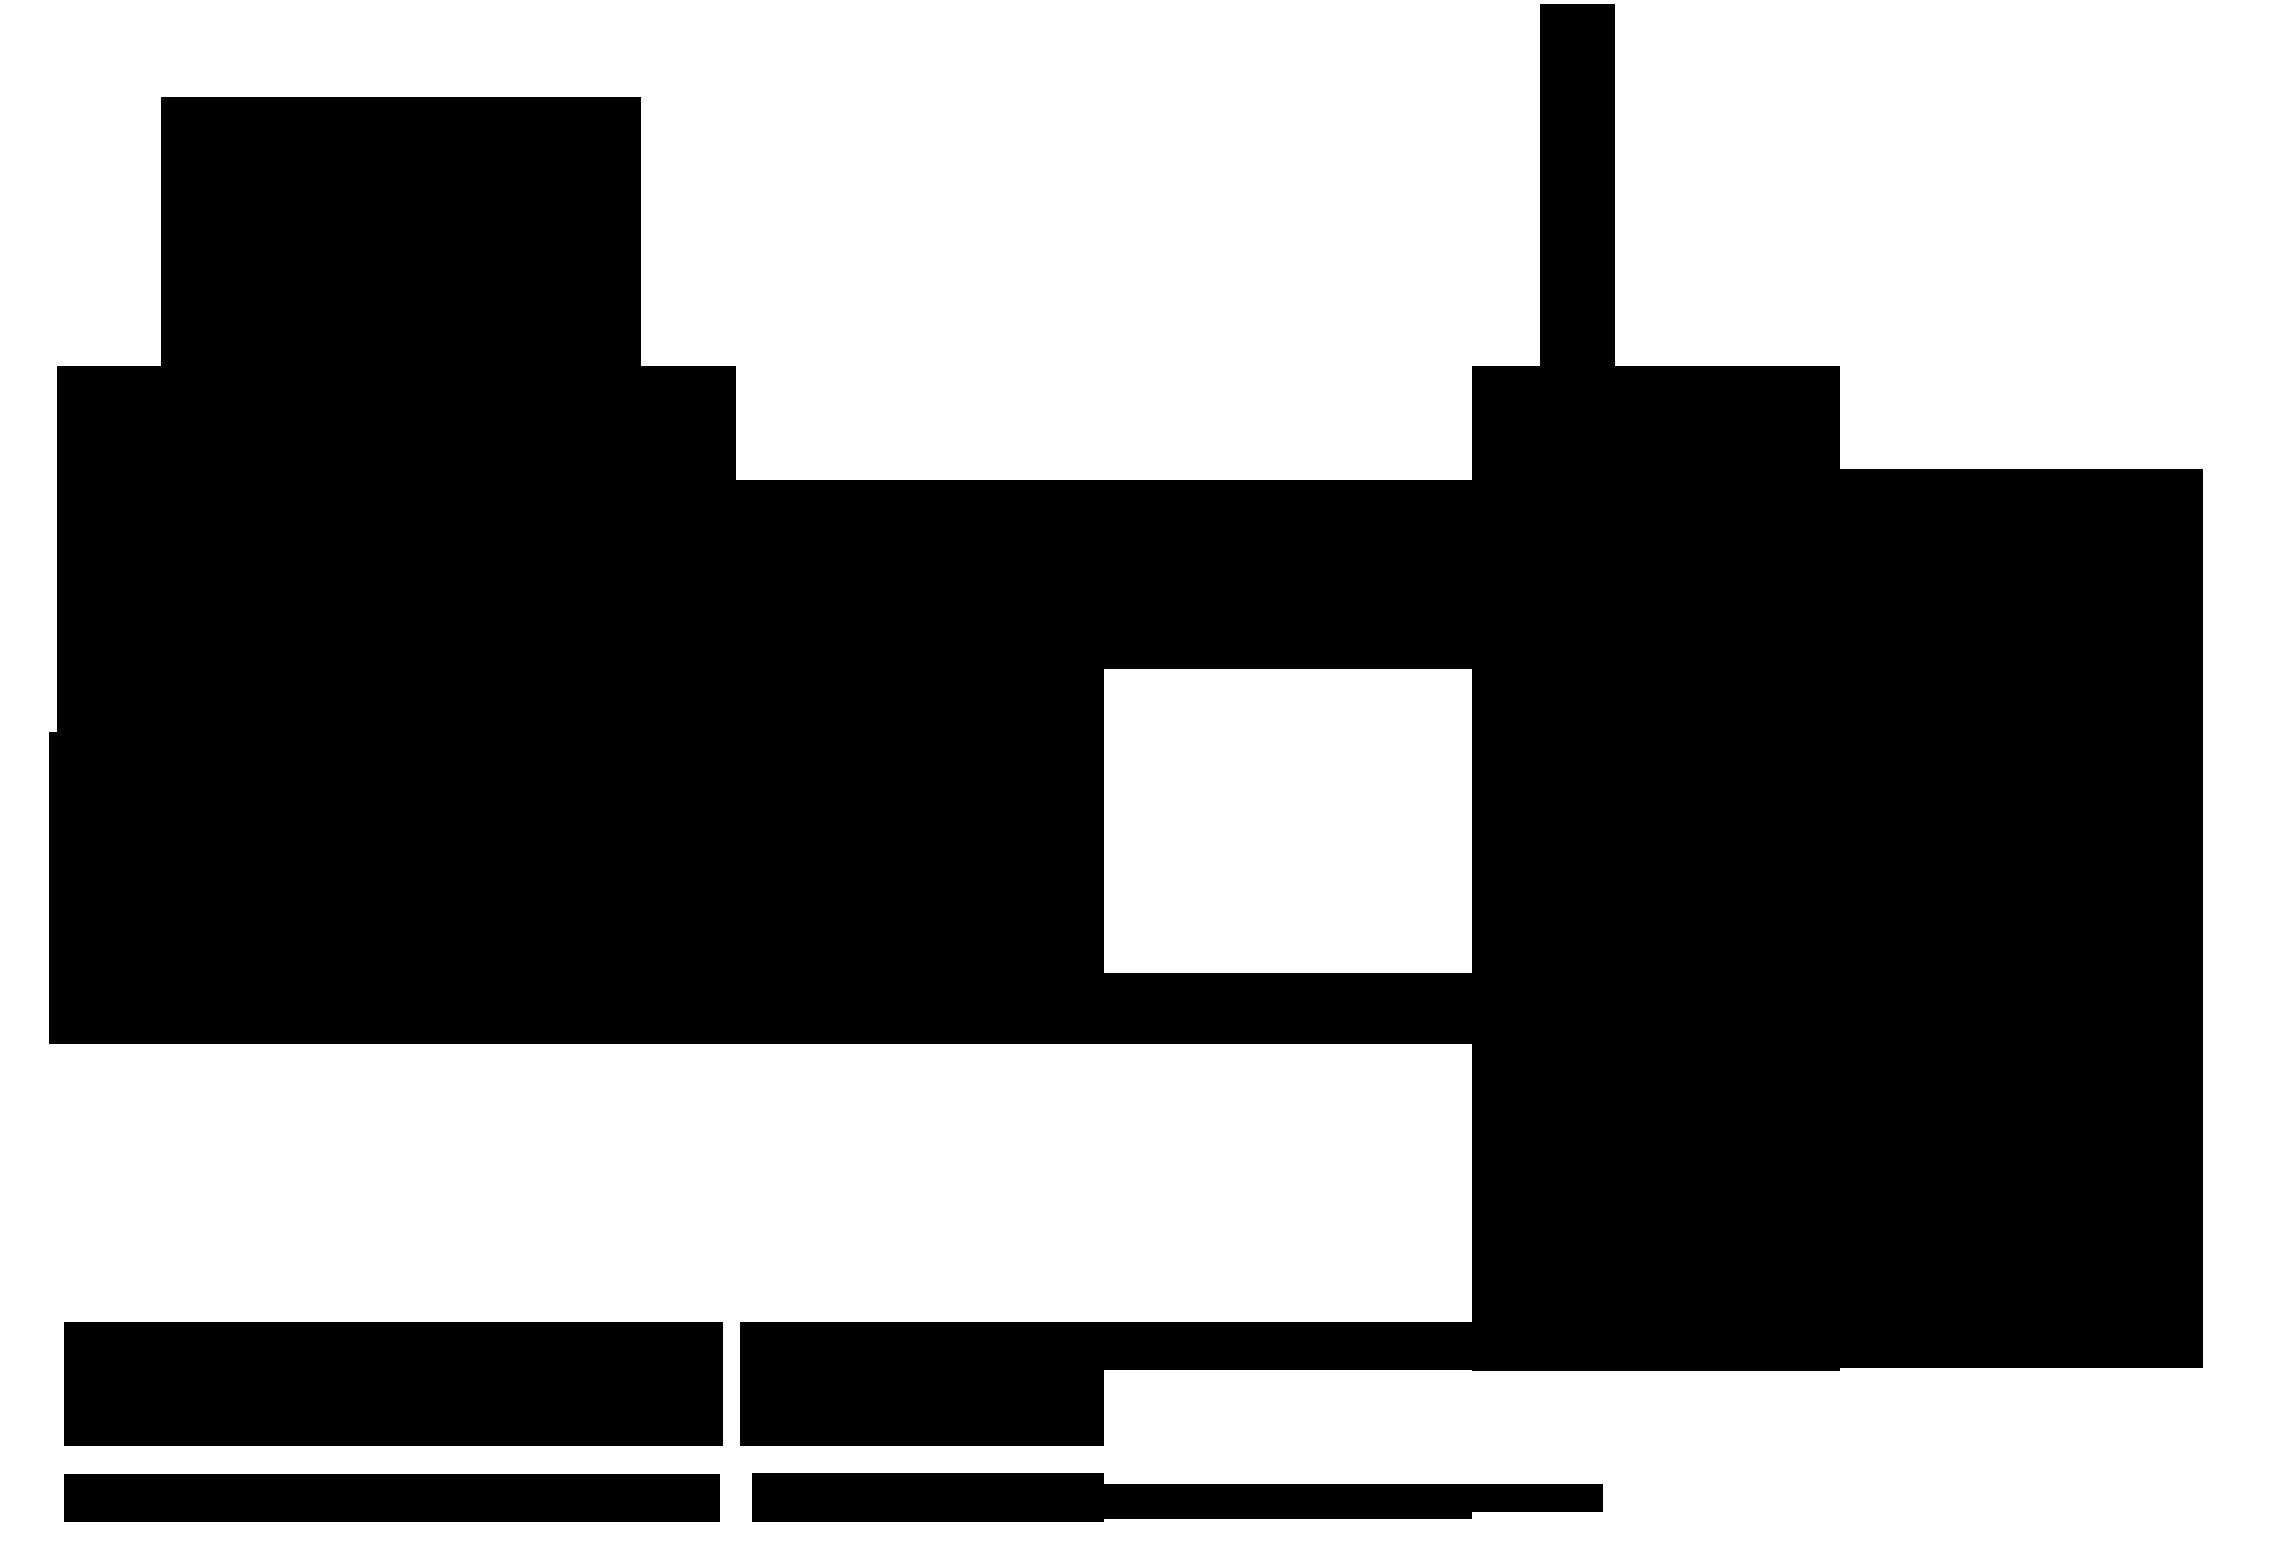 простая схема установки електрокатла